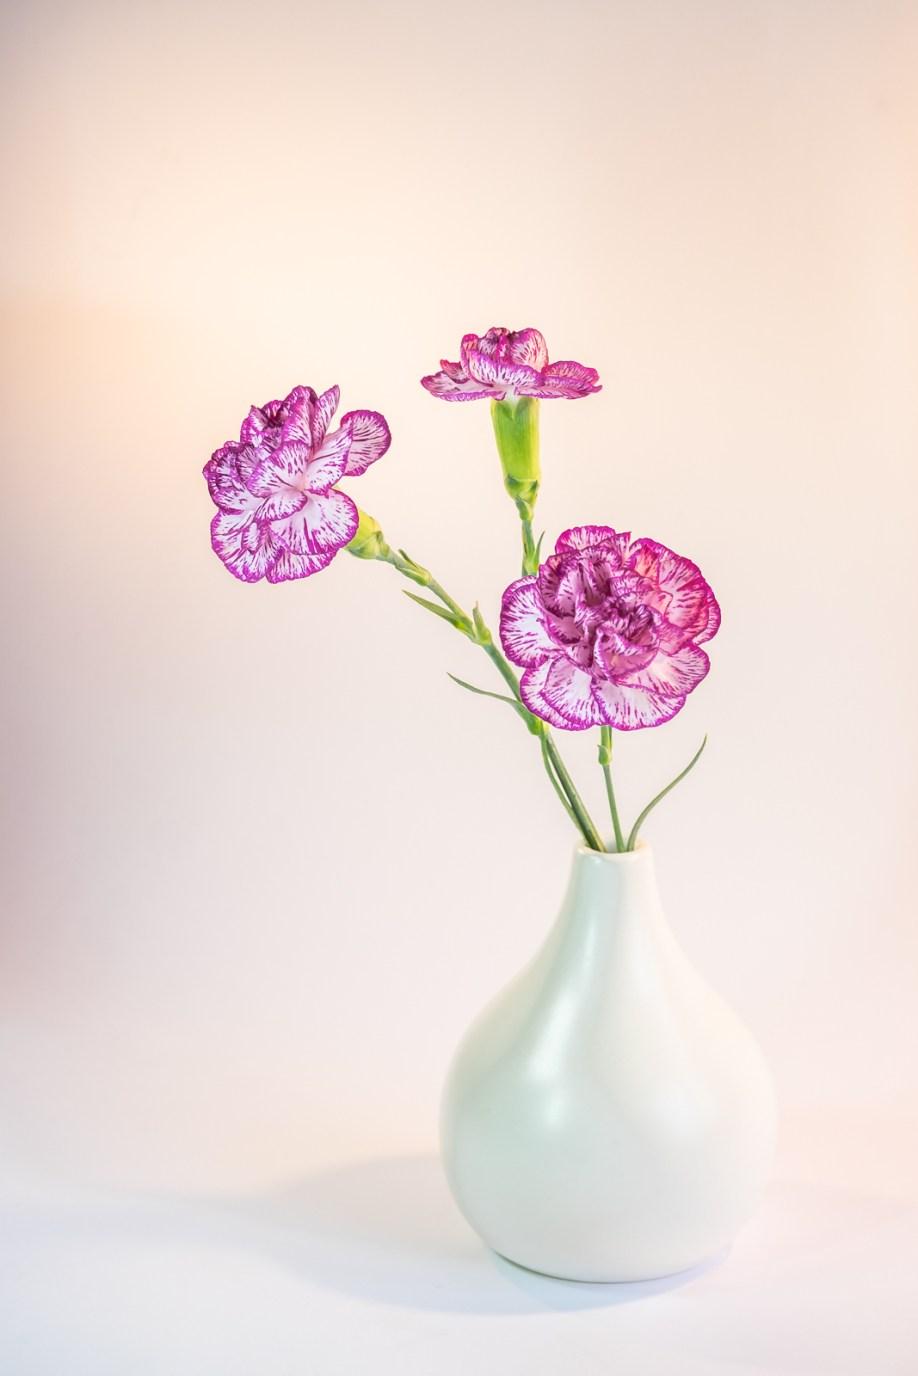 3 carnation in a Vase